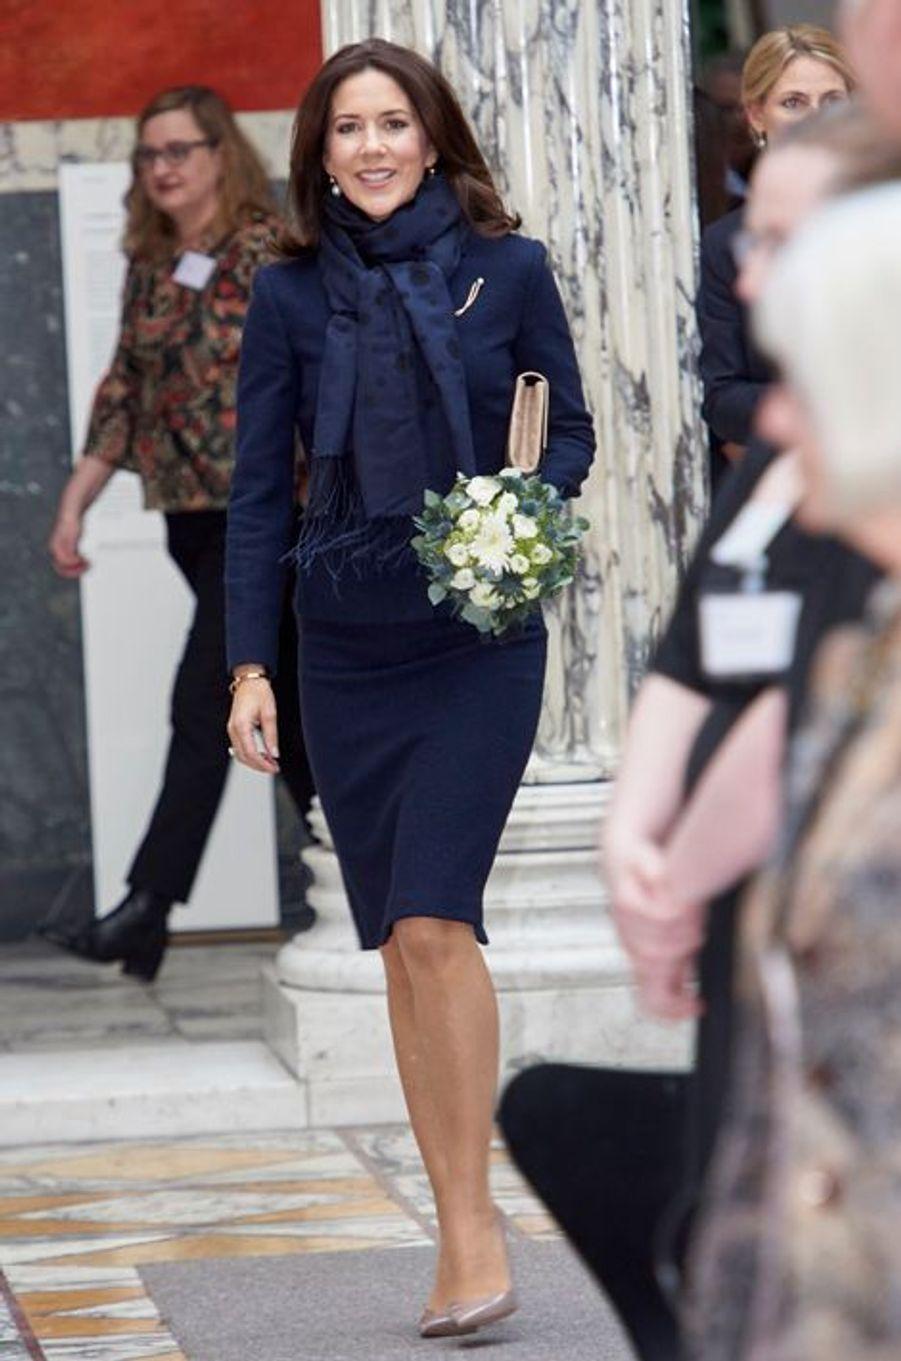 La princesse Mary de Danemark à Copenhague, le 25 février 2016